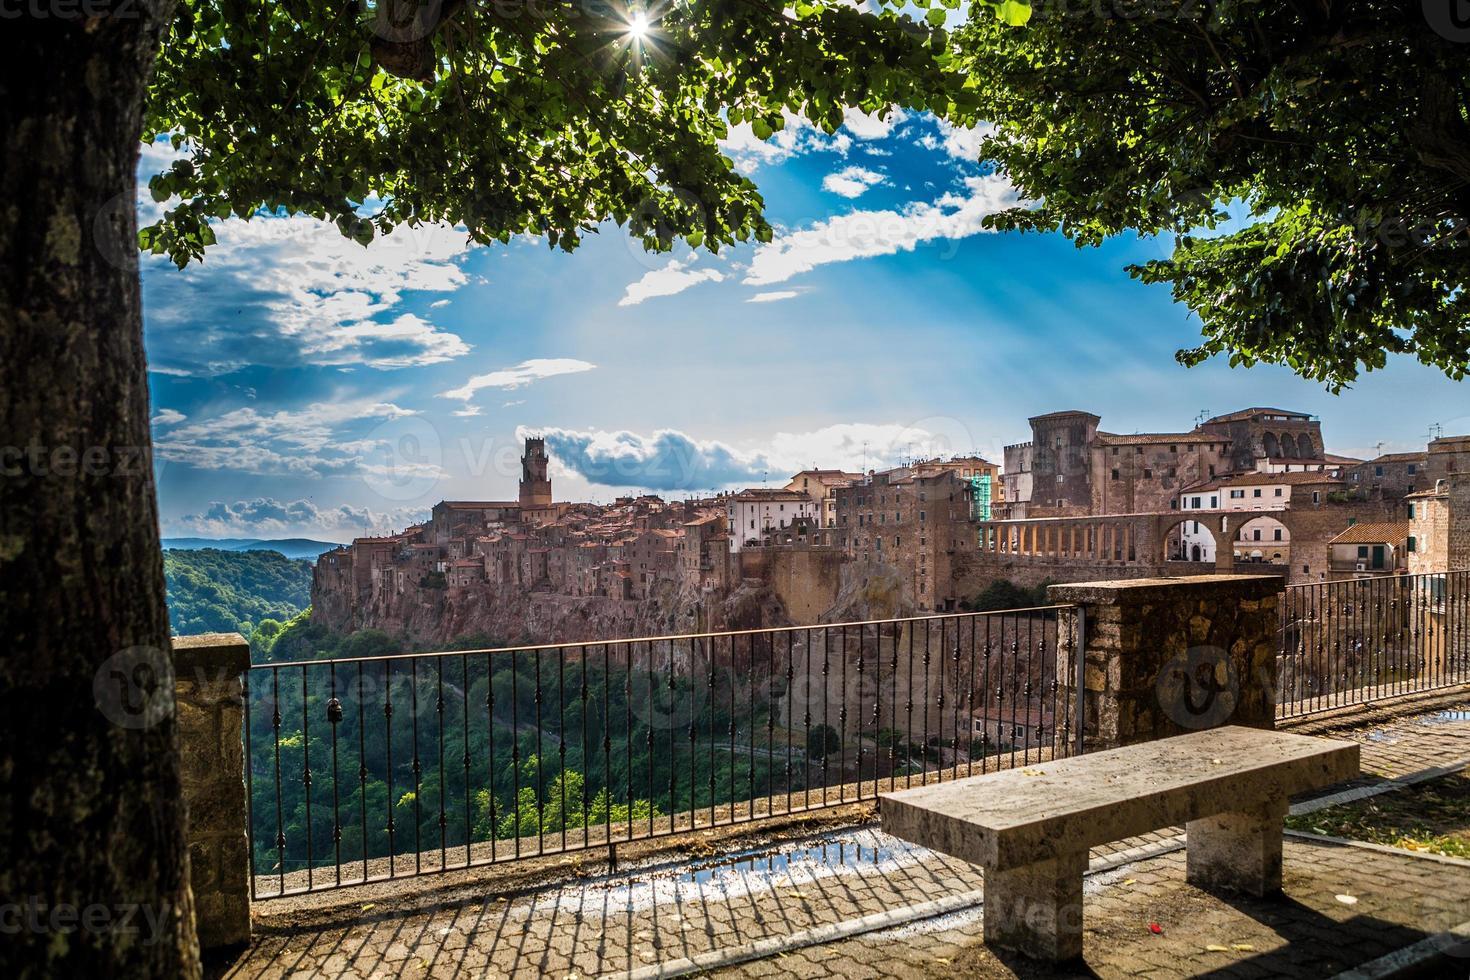 cidade medieval de pitigliano ao pôr do sol, Toscana, Itália foto